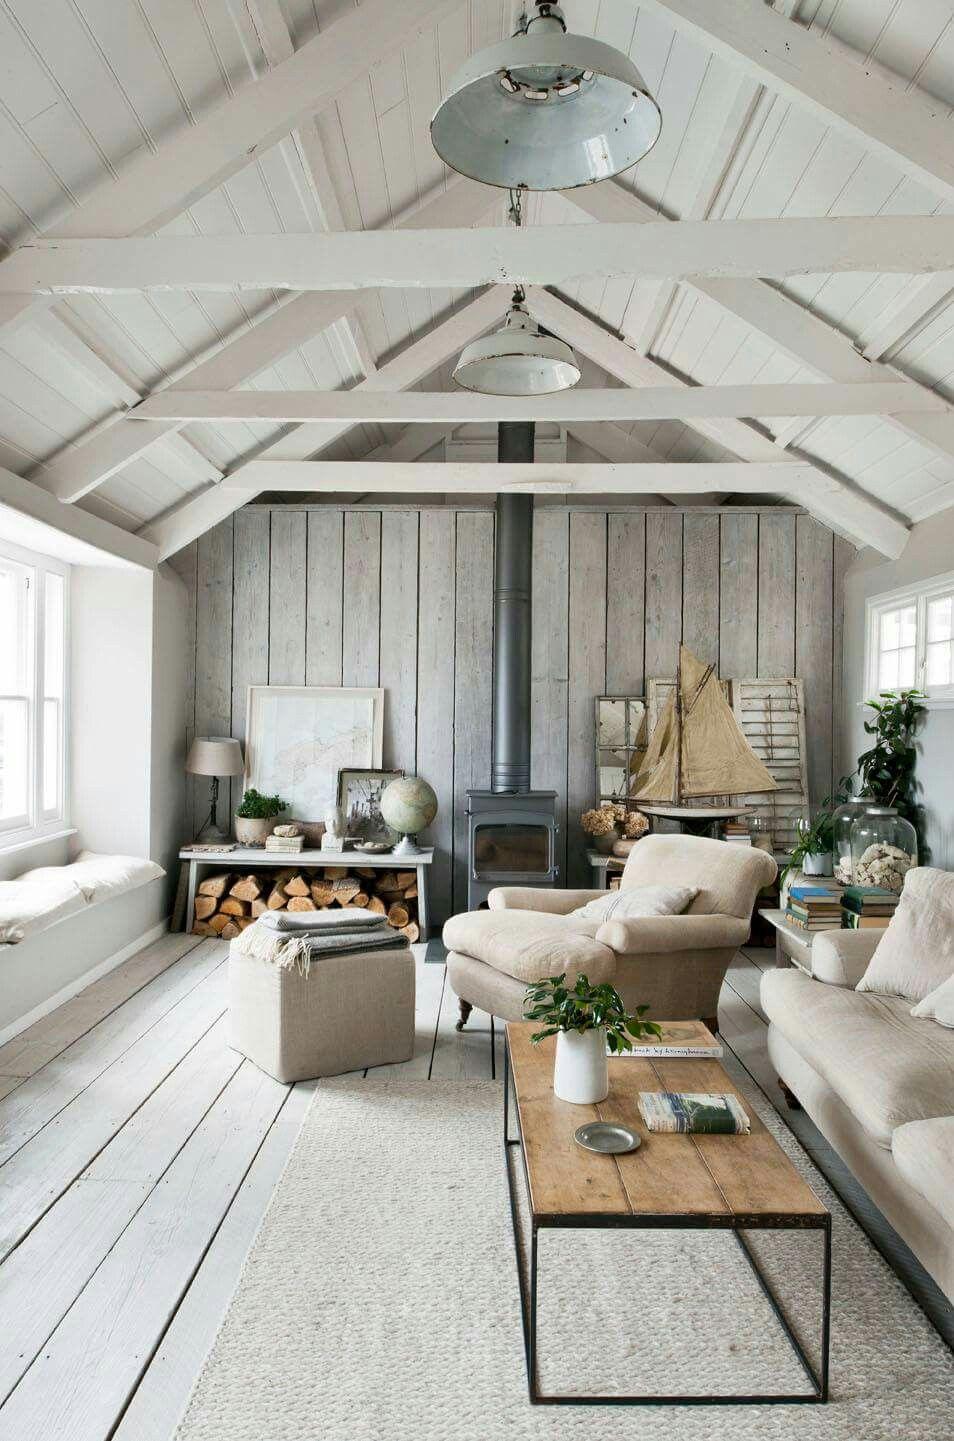 Scandinavian Decor Google Search Home Decor House Interior Home